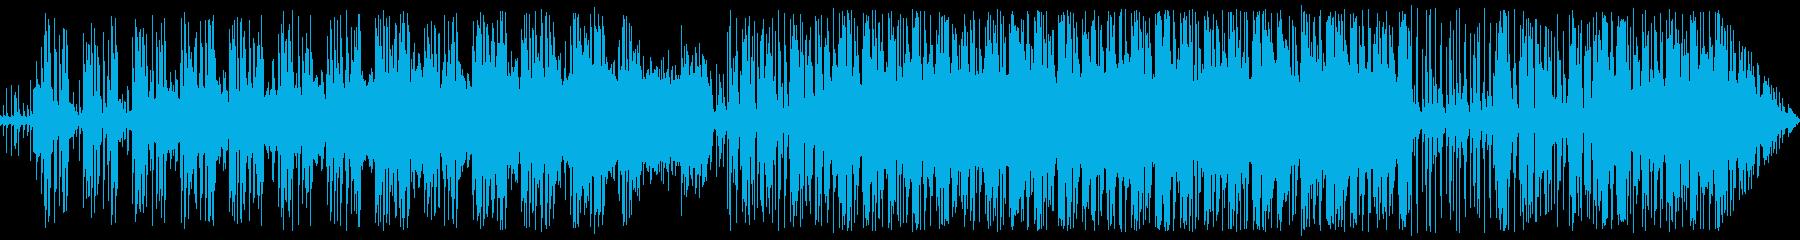 都市的 アクション 静か ハイテク...の再生済みの波形